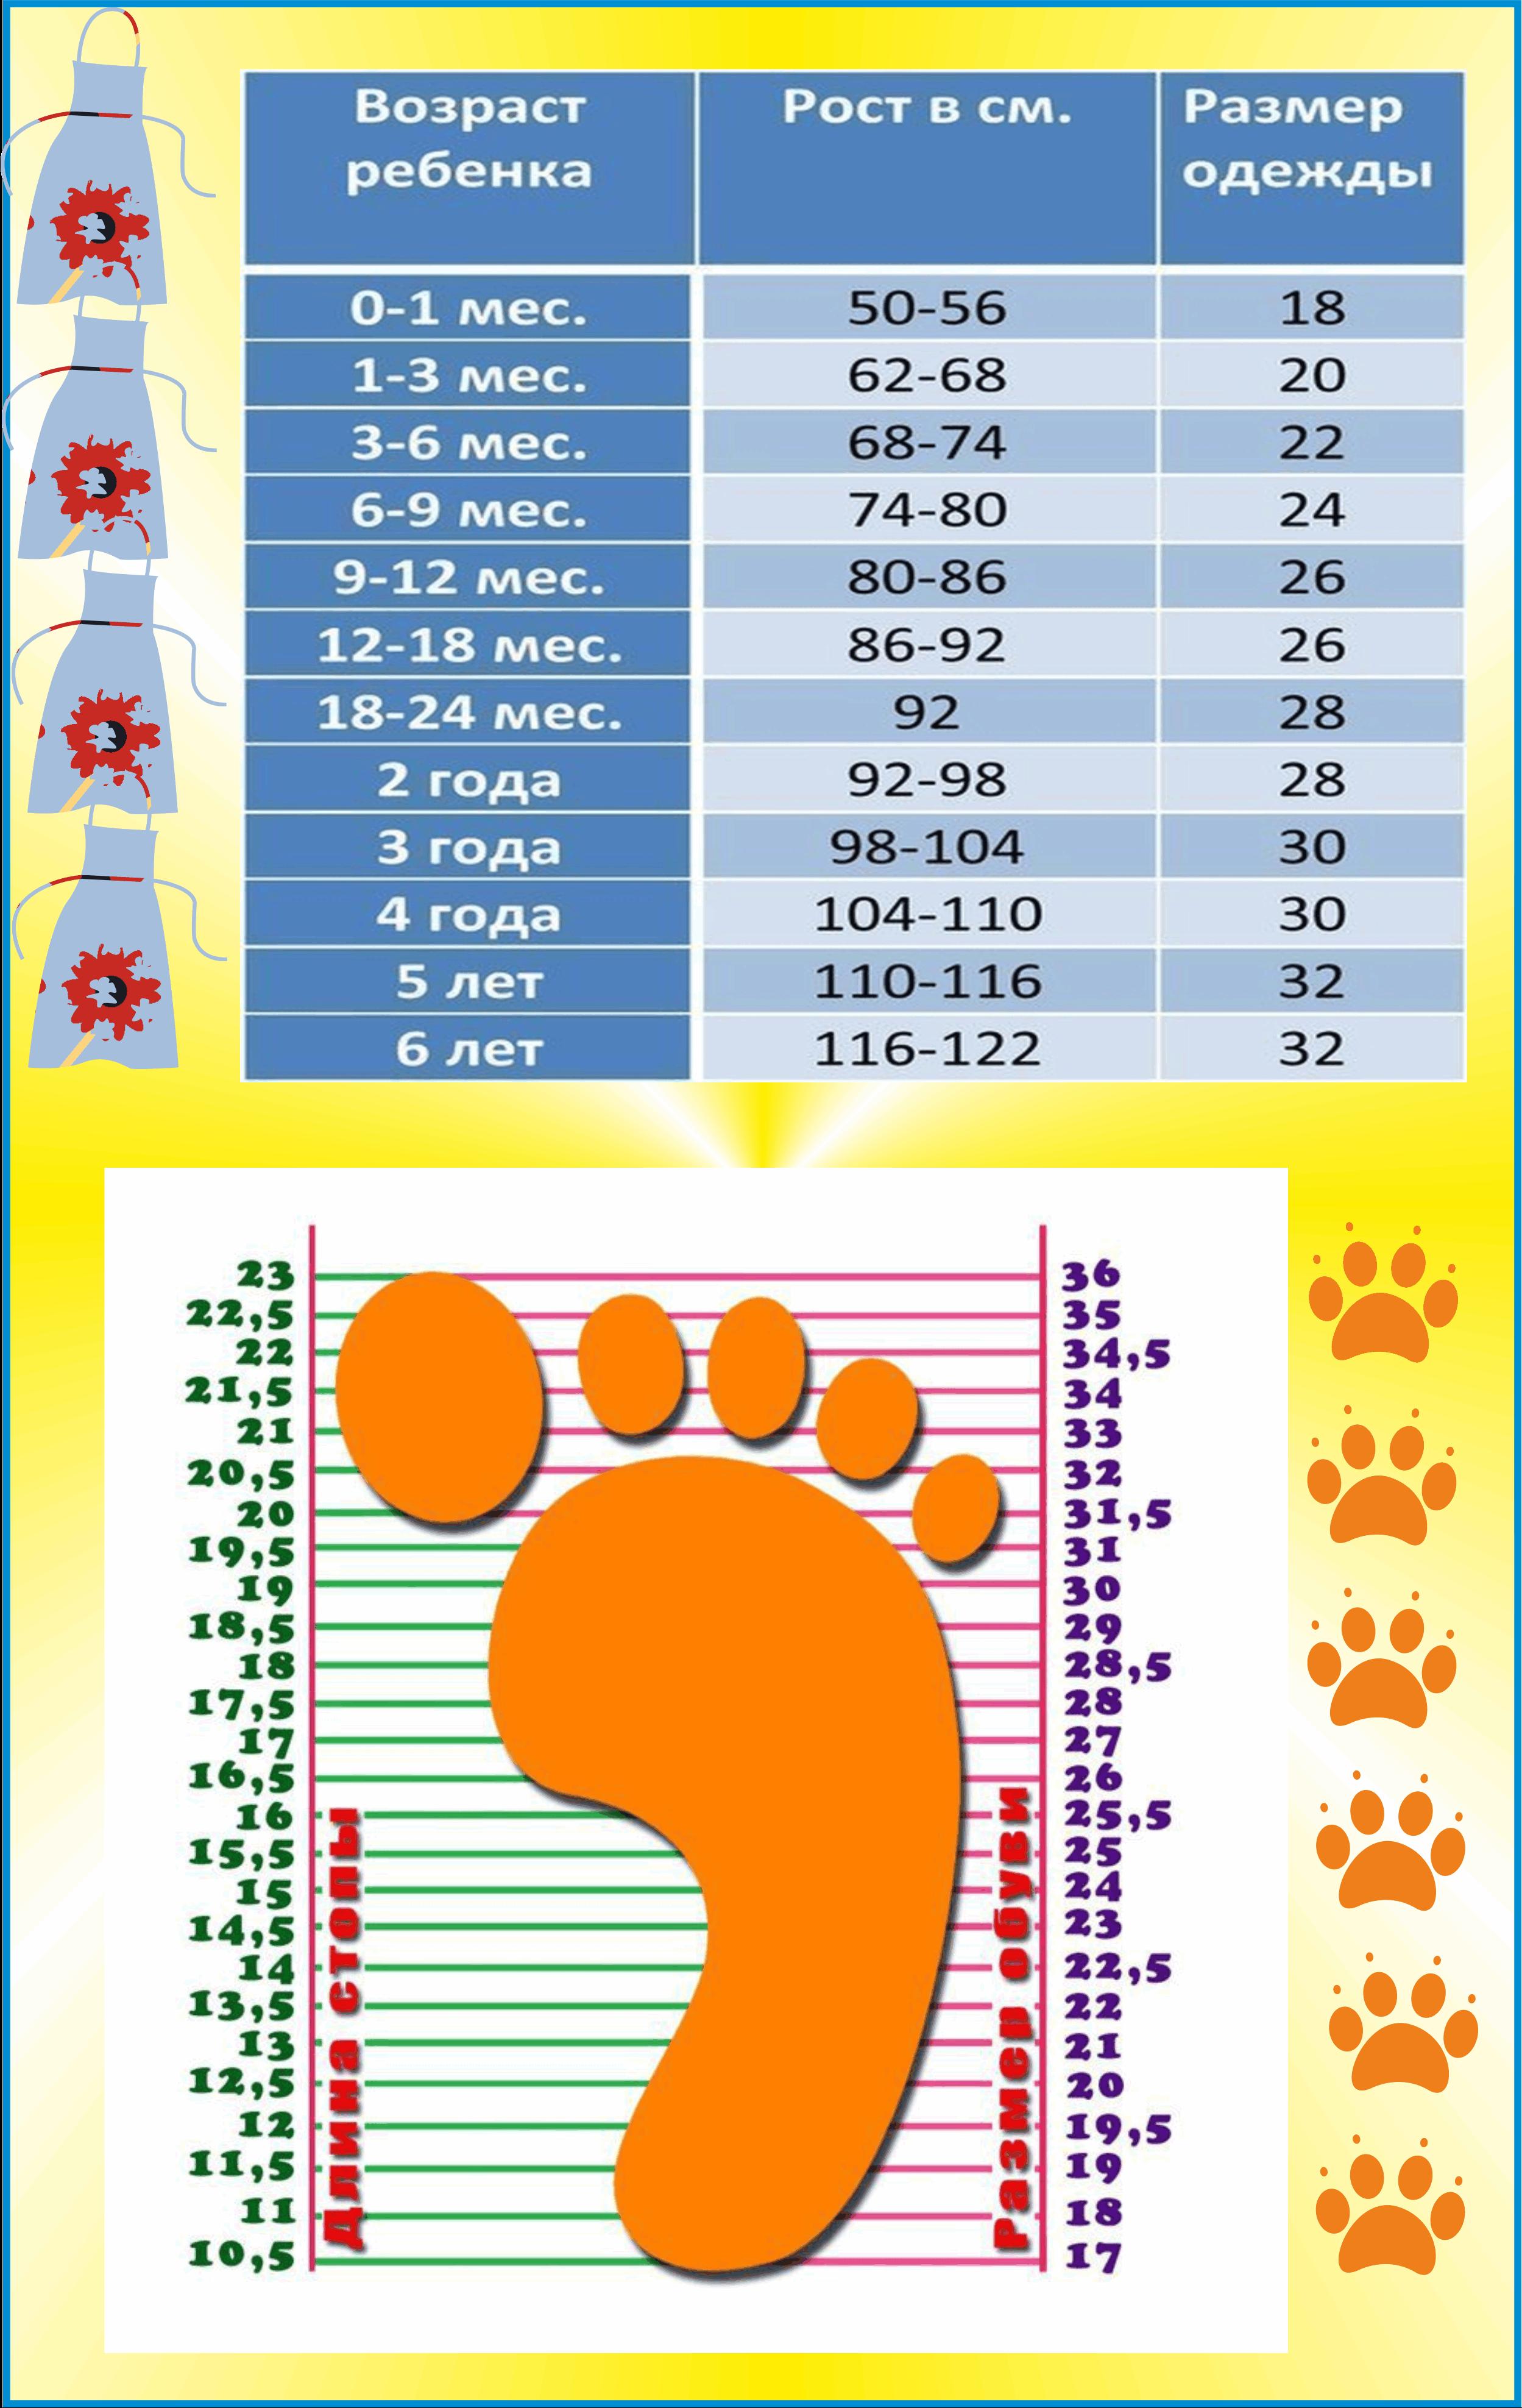 Размерная сетка детской обуви - таблицы соответствия длины стопы и возраста ребенка